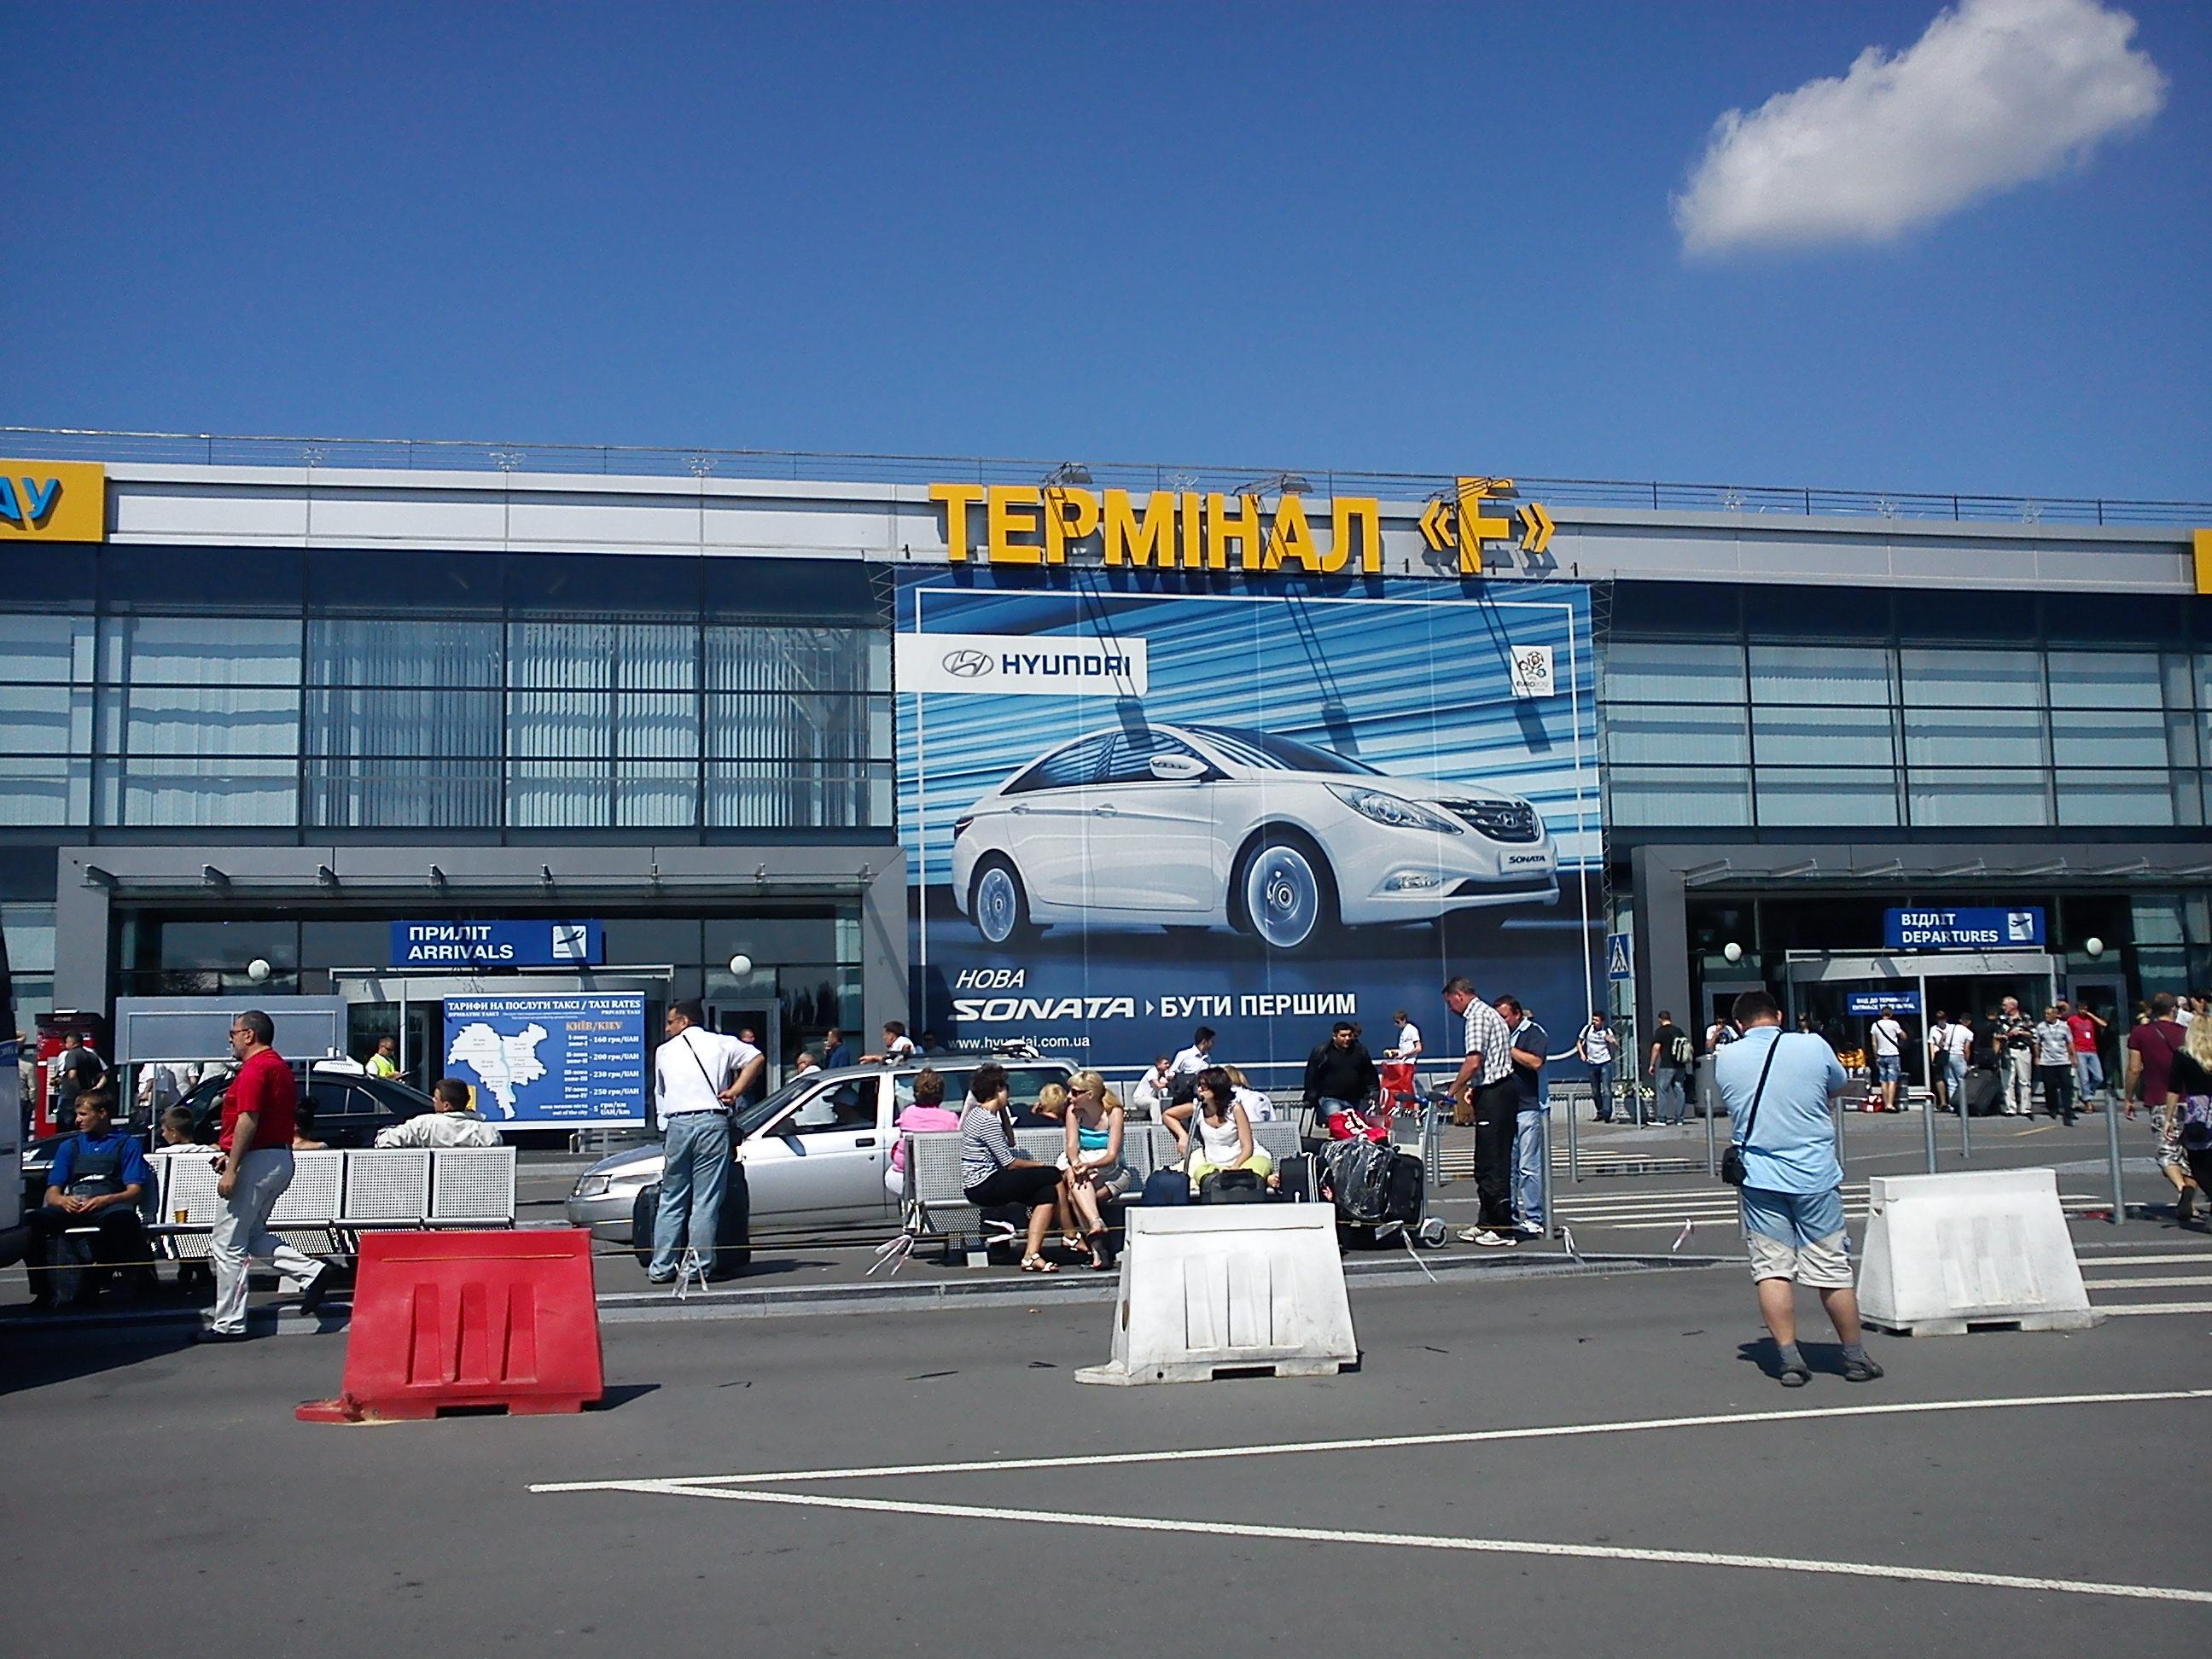 Aeroporto Kiev : File kiev borispol airport terminal f panoramio g wikimedia